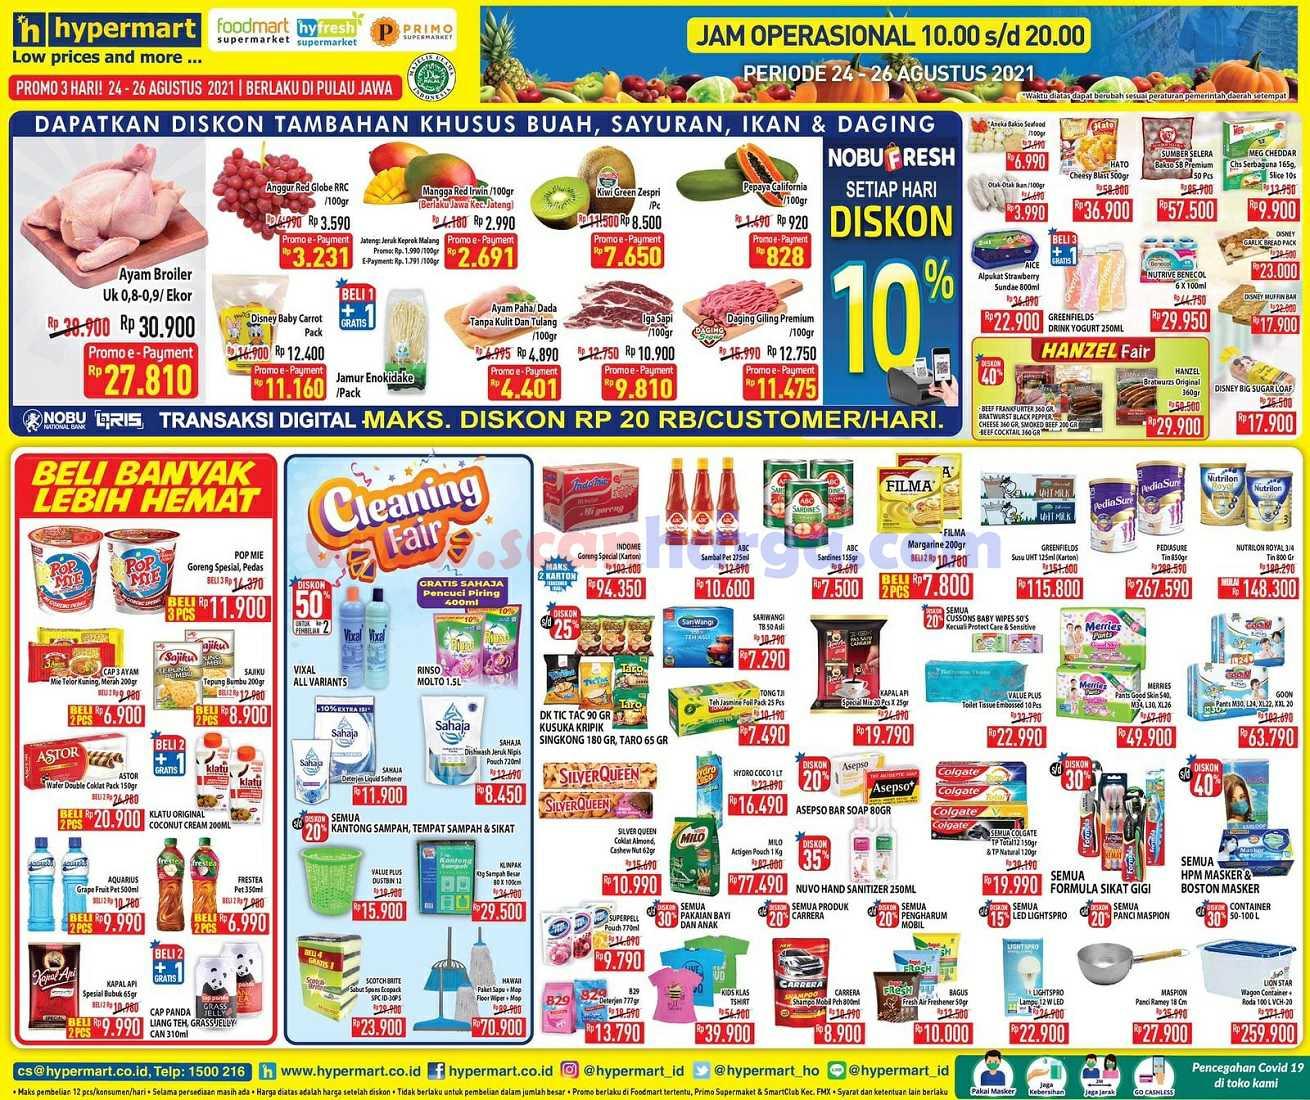 Katalog Promo Hypermart Weekday Terbaru 24 - 26 Agustus 2021